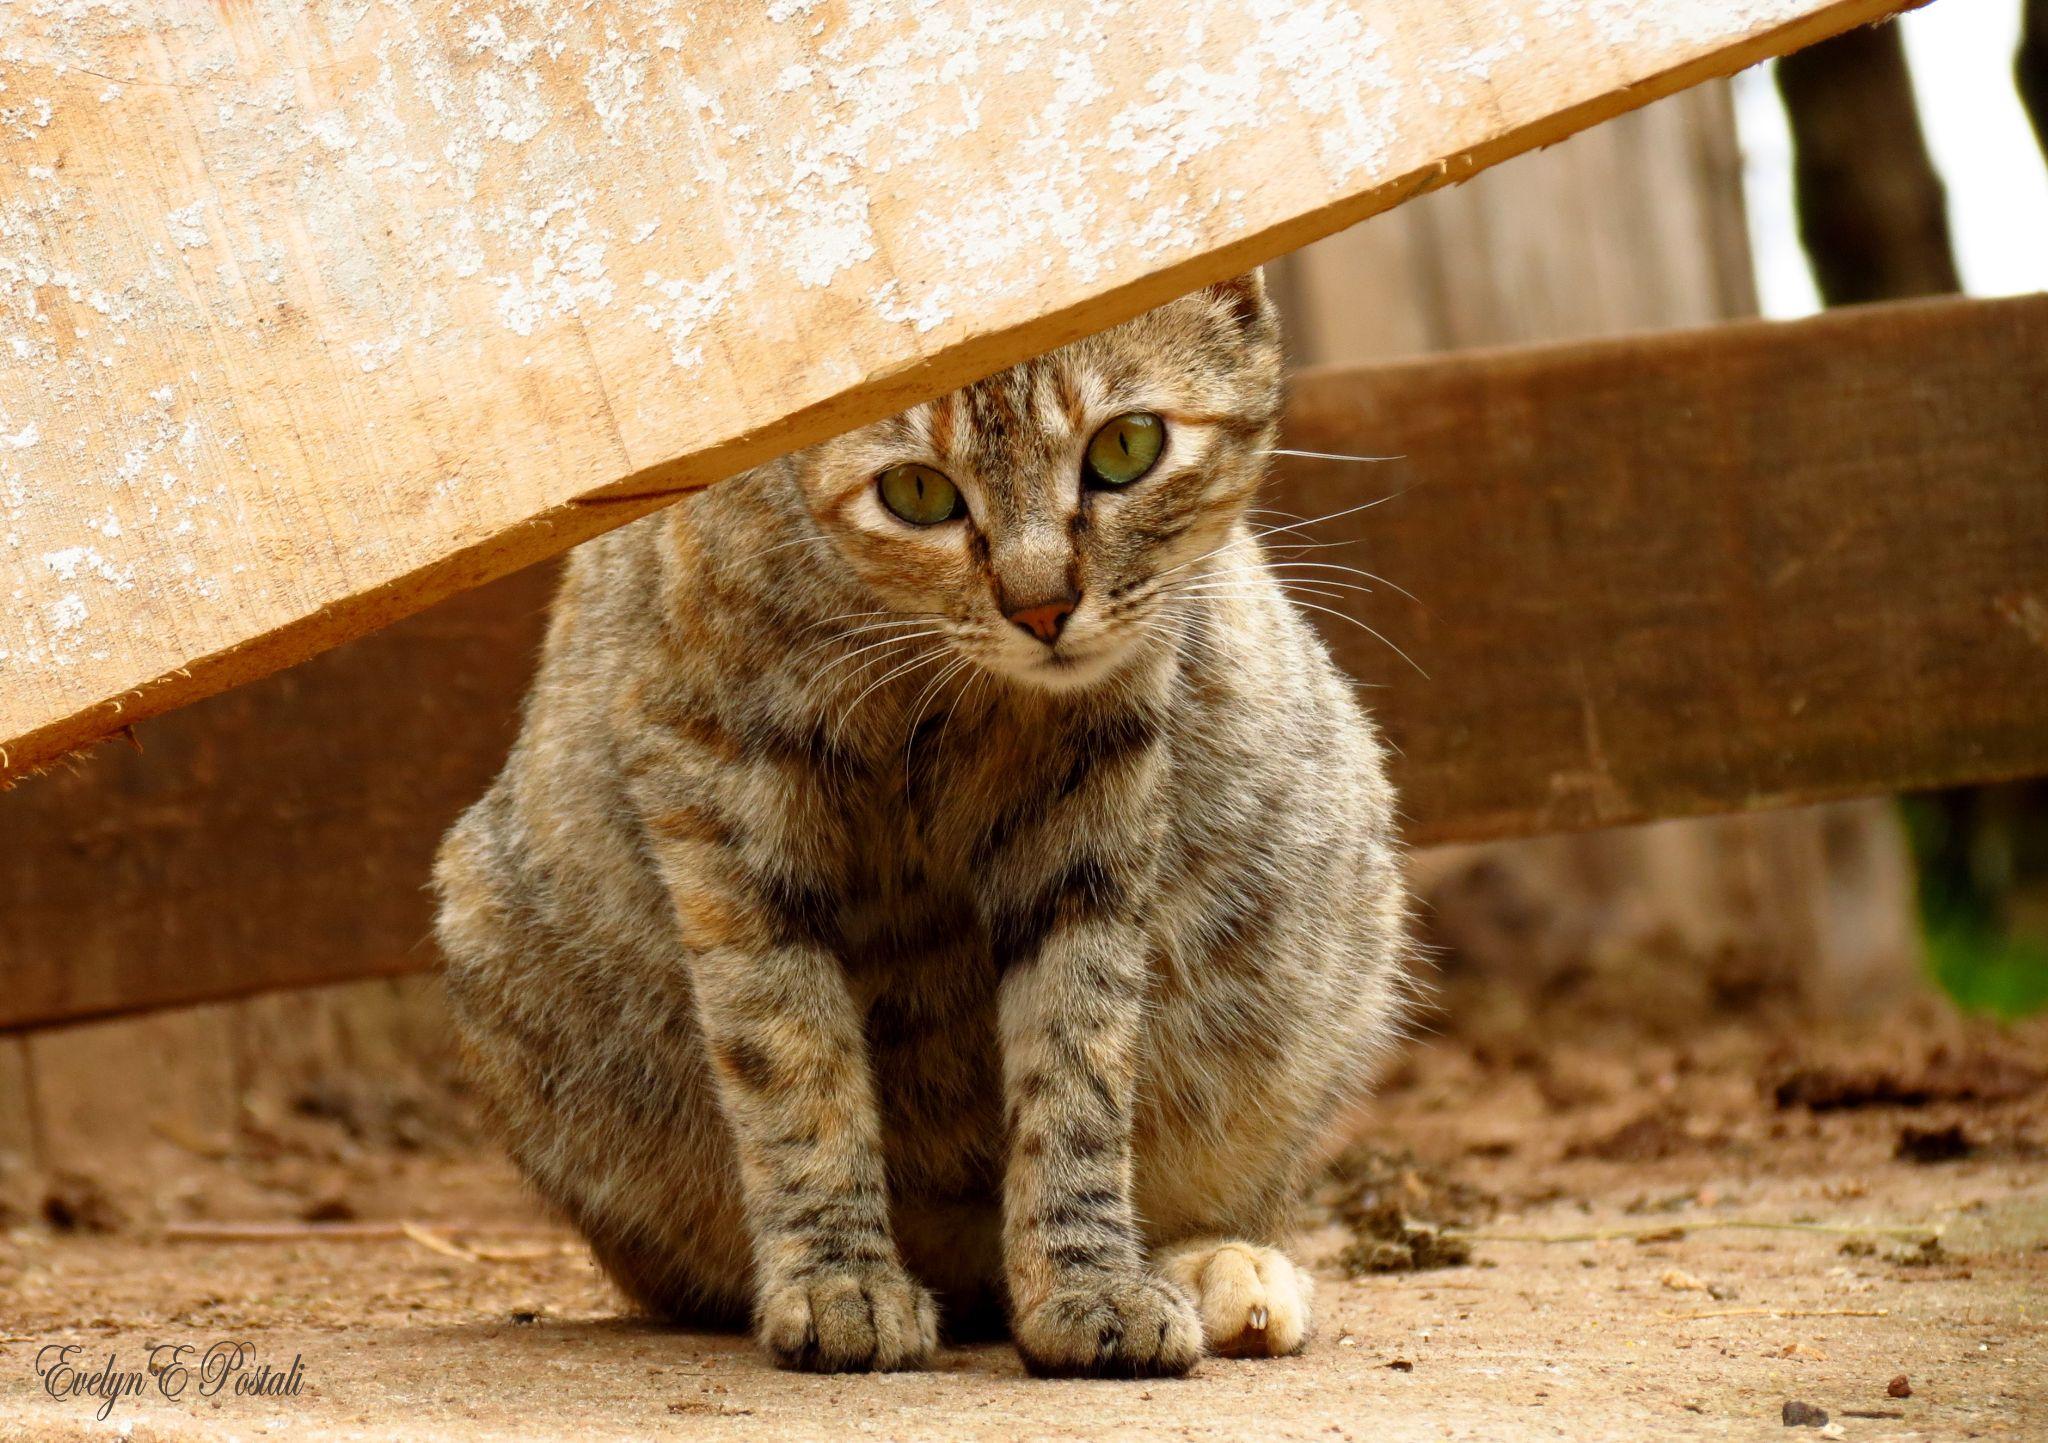 Gato by Evelyn Postali